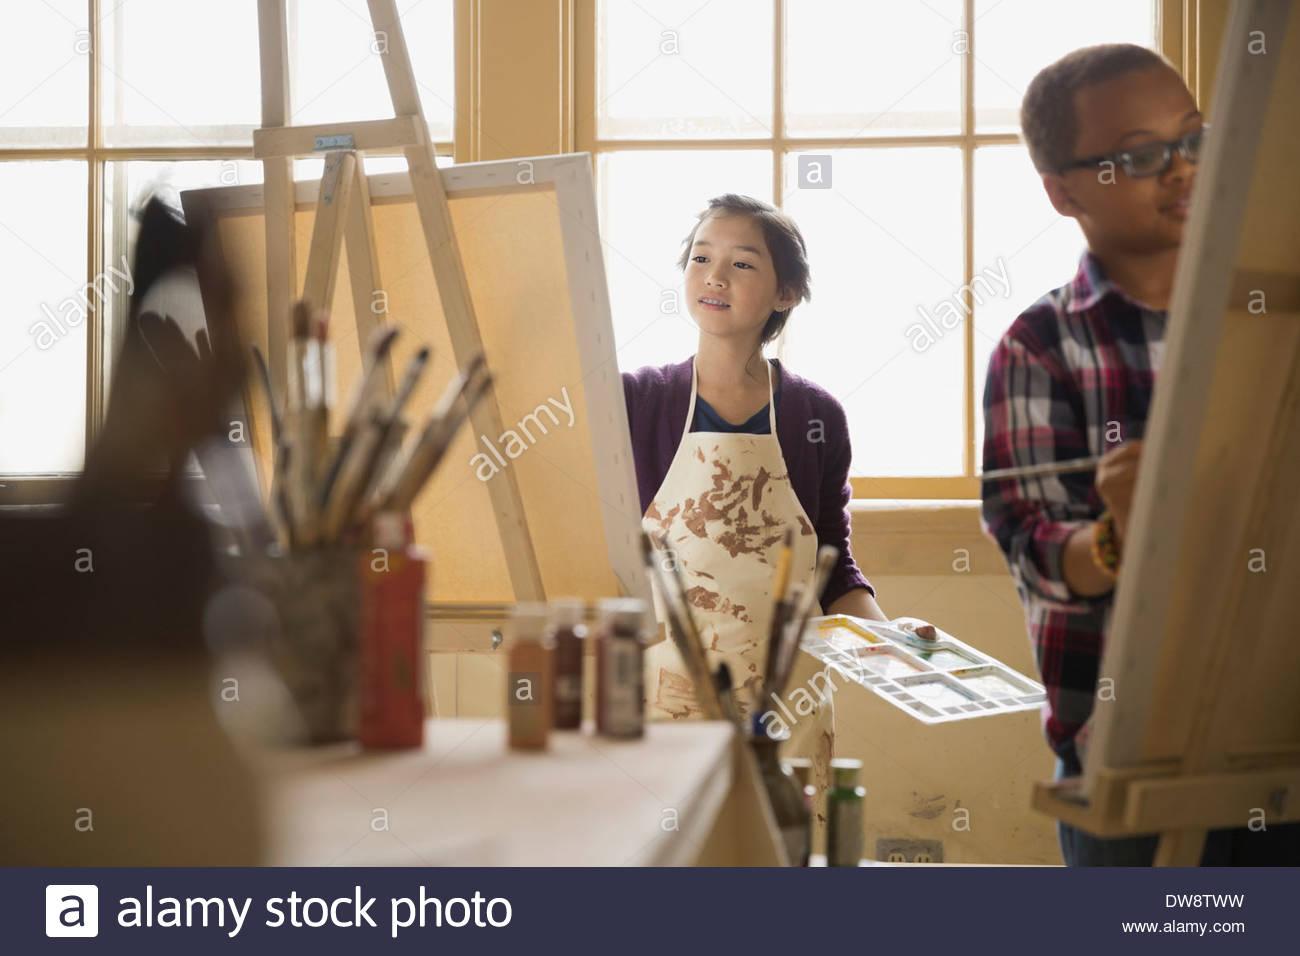 sch ler malen auf leinwand im kunstunterricht stockfoto. Black Bedroom Furniture Sets. Home Design Ideas